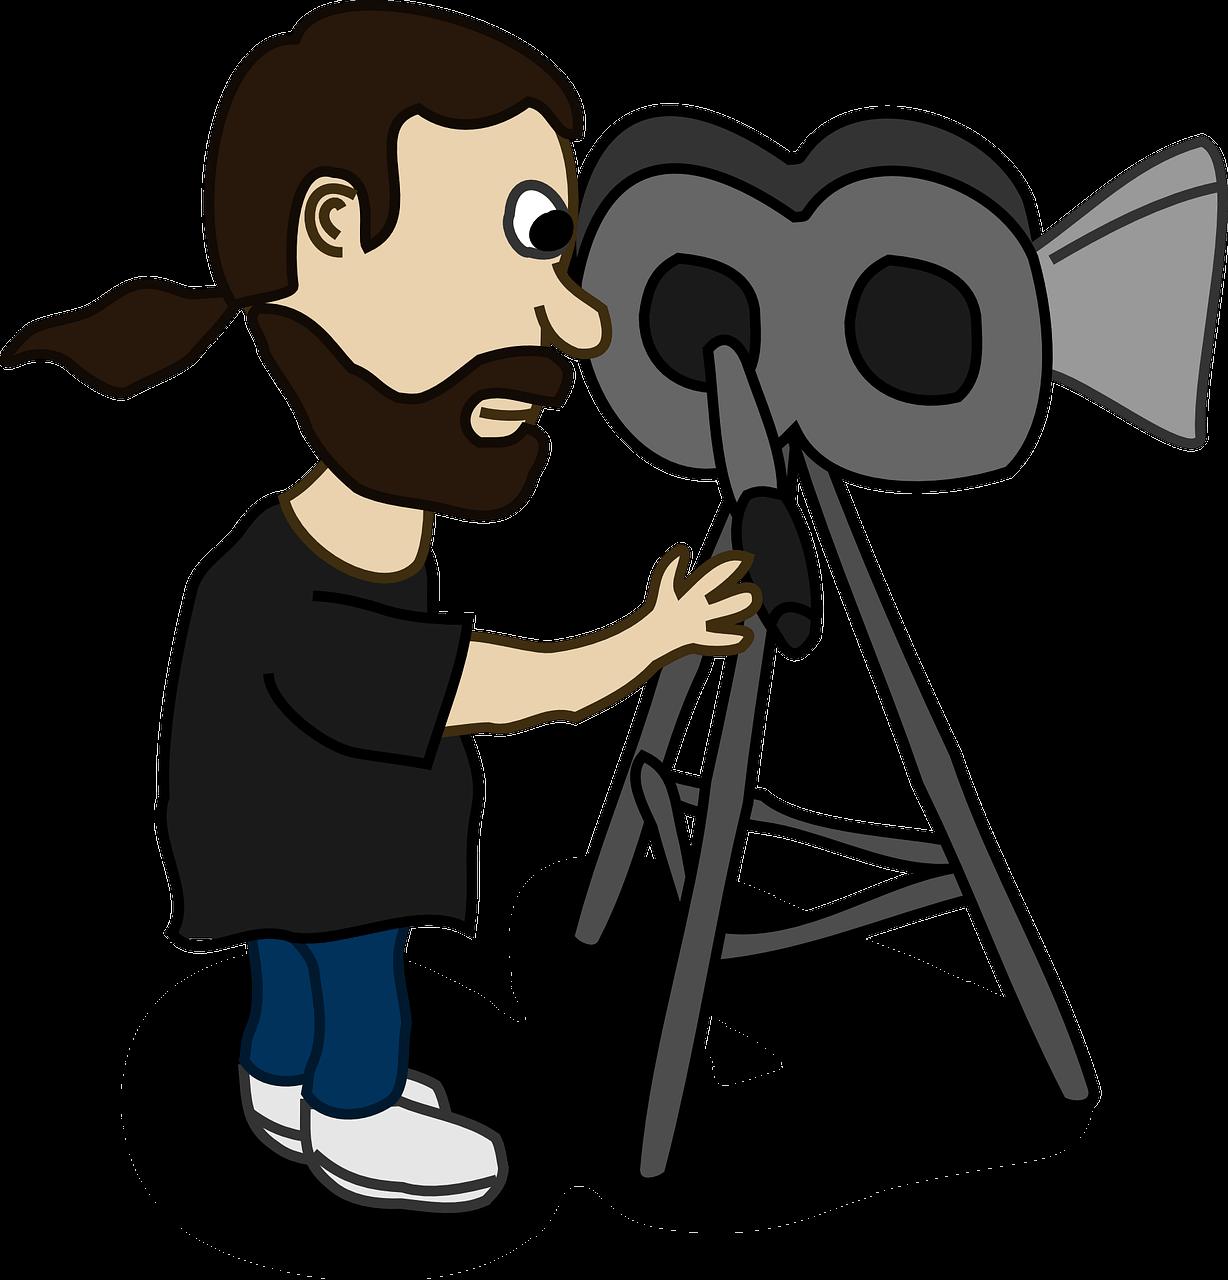 Filmmaking Like a Pro